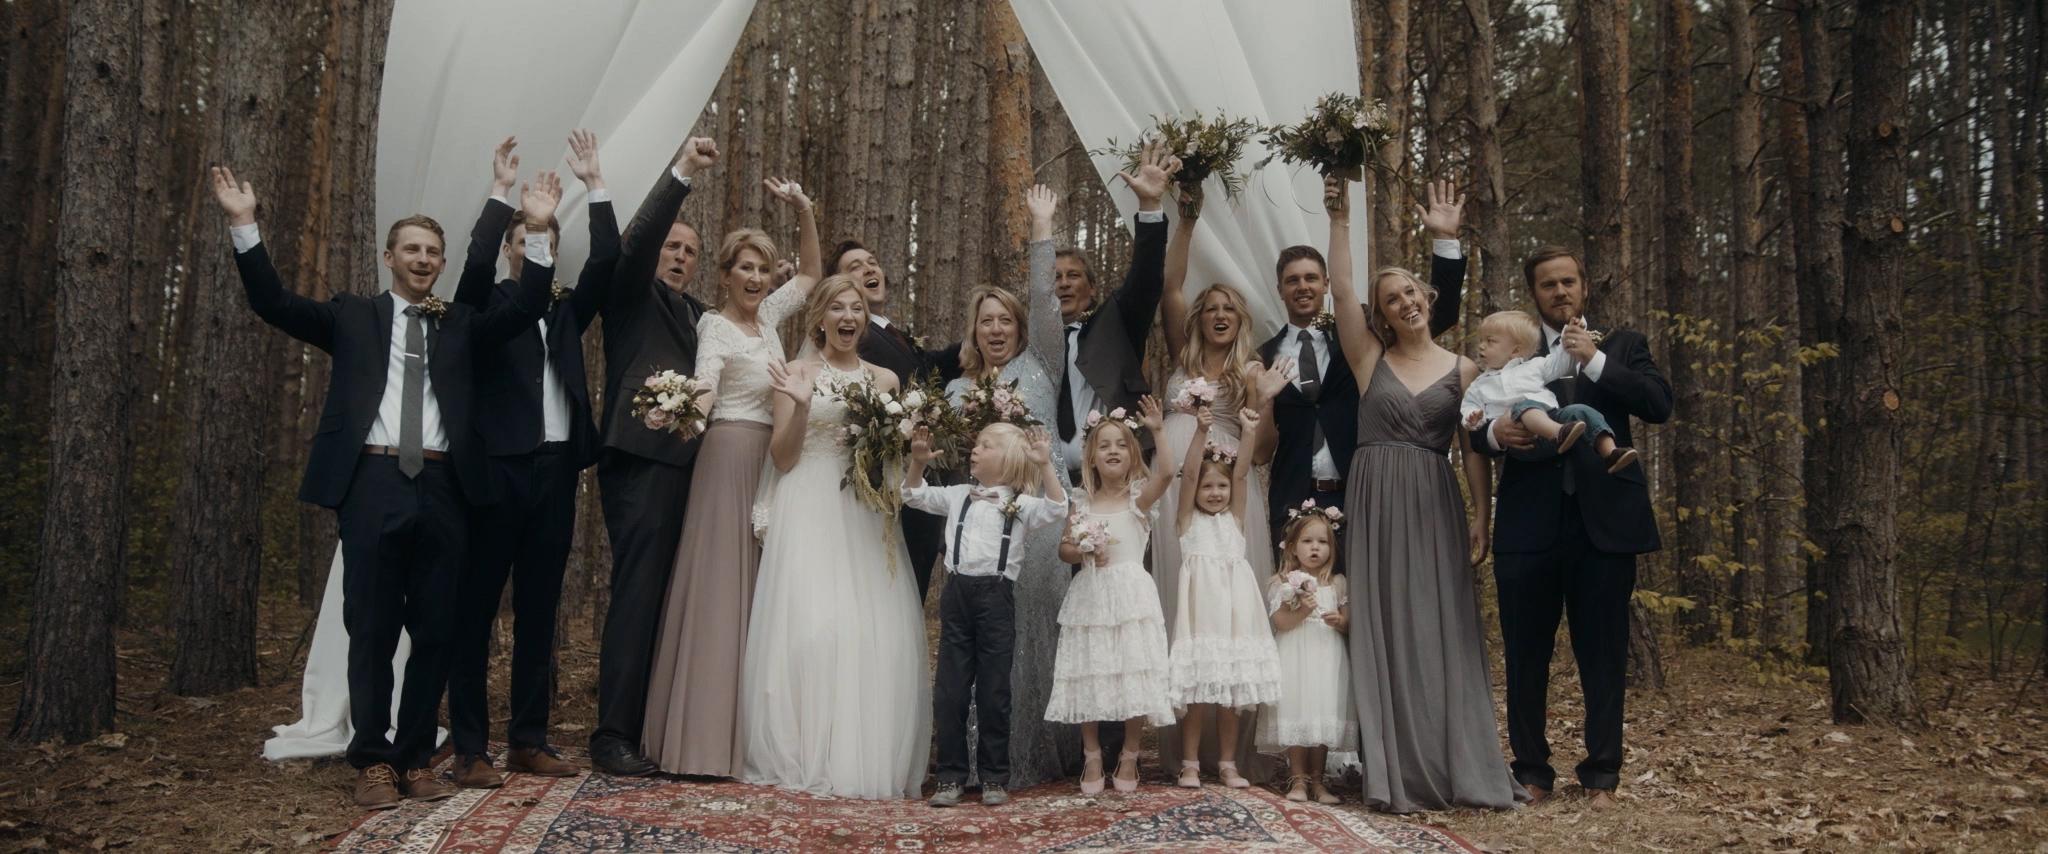 HAVENS_Wedding_Film.00_04_28_02.Still053.jpg